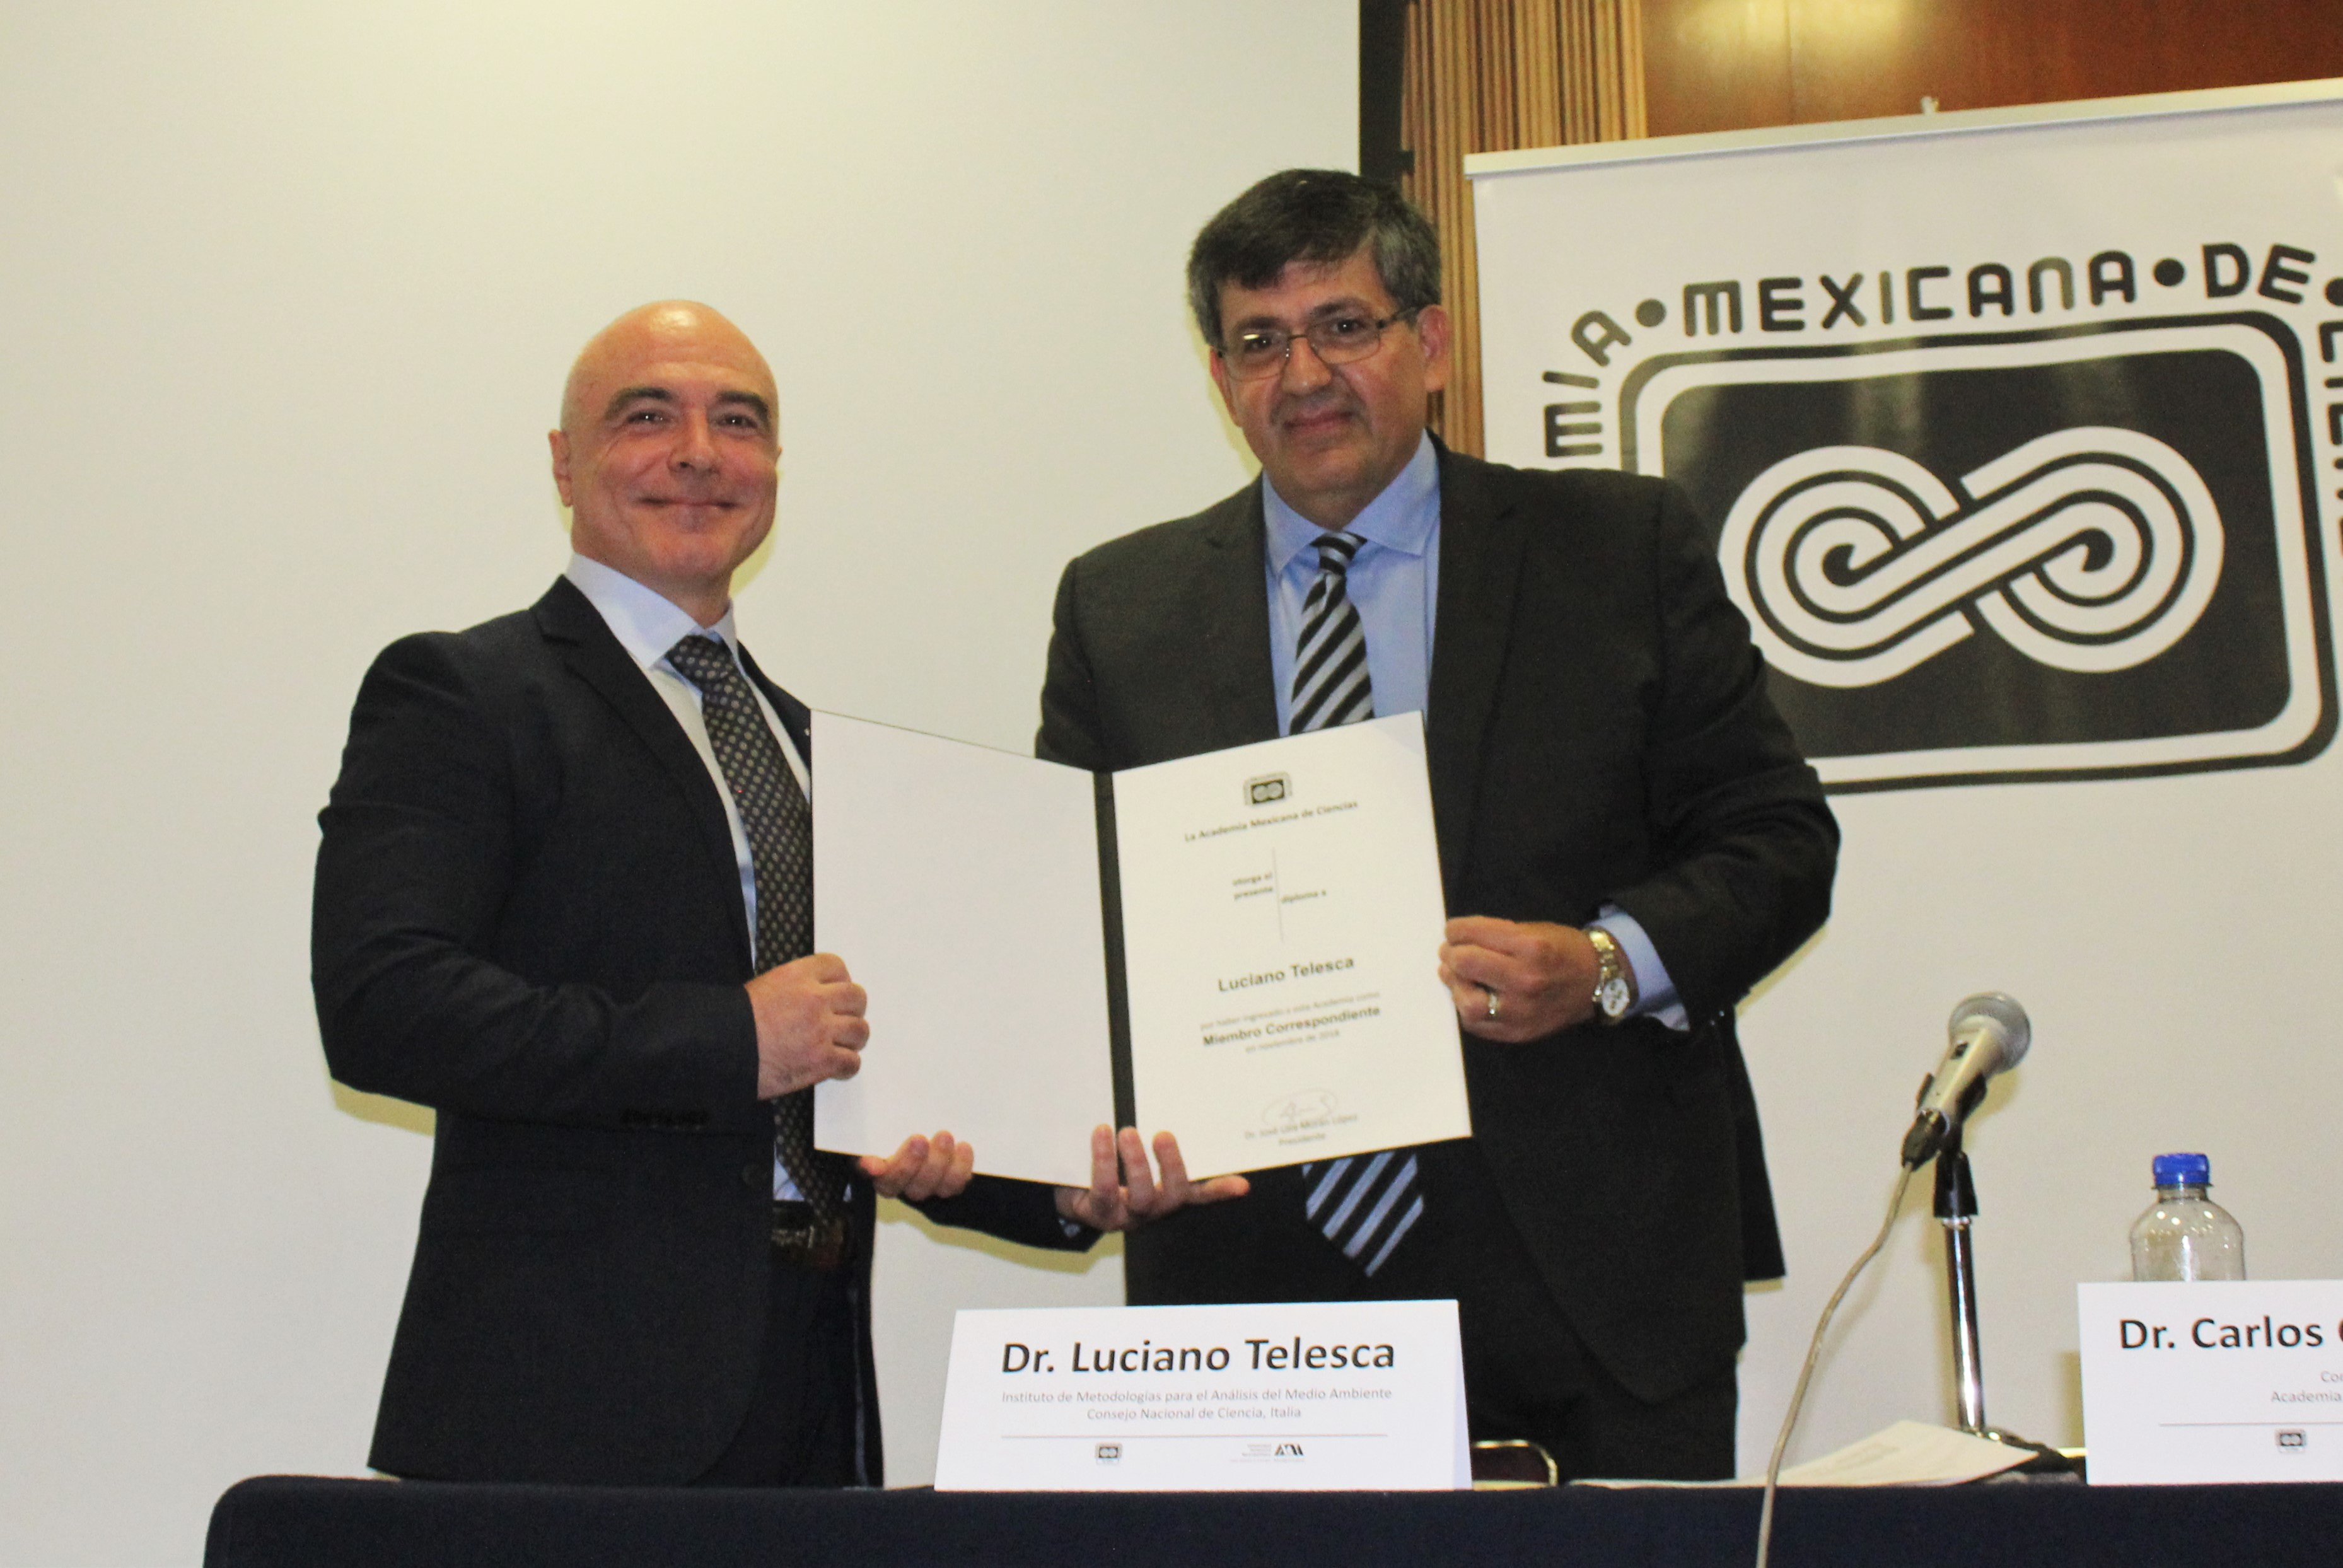 Luciano Telesca, del Instituto de Metodología para el Análisis del Medio Ambiente, del Consejo Nacional de Ciencia, Italia y el secretario del Consejo Directivo de la AMC, Carlos Coello Coello.